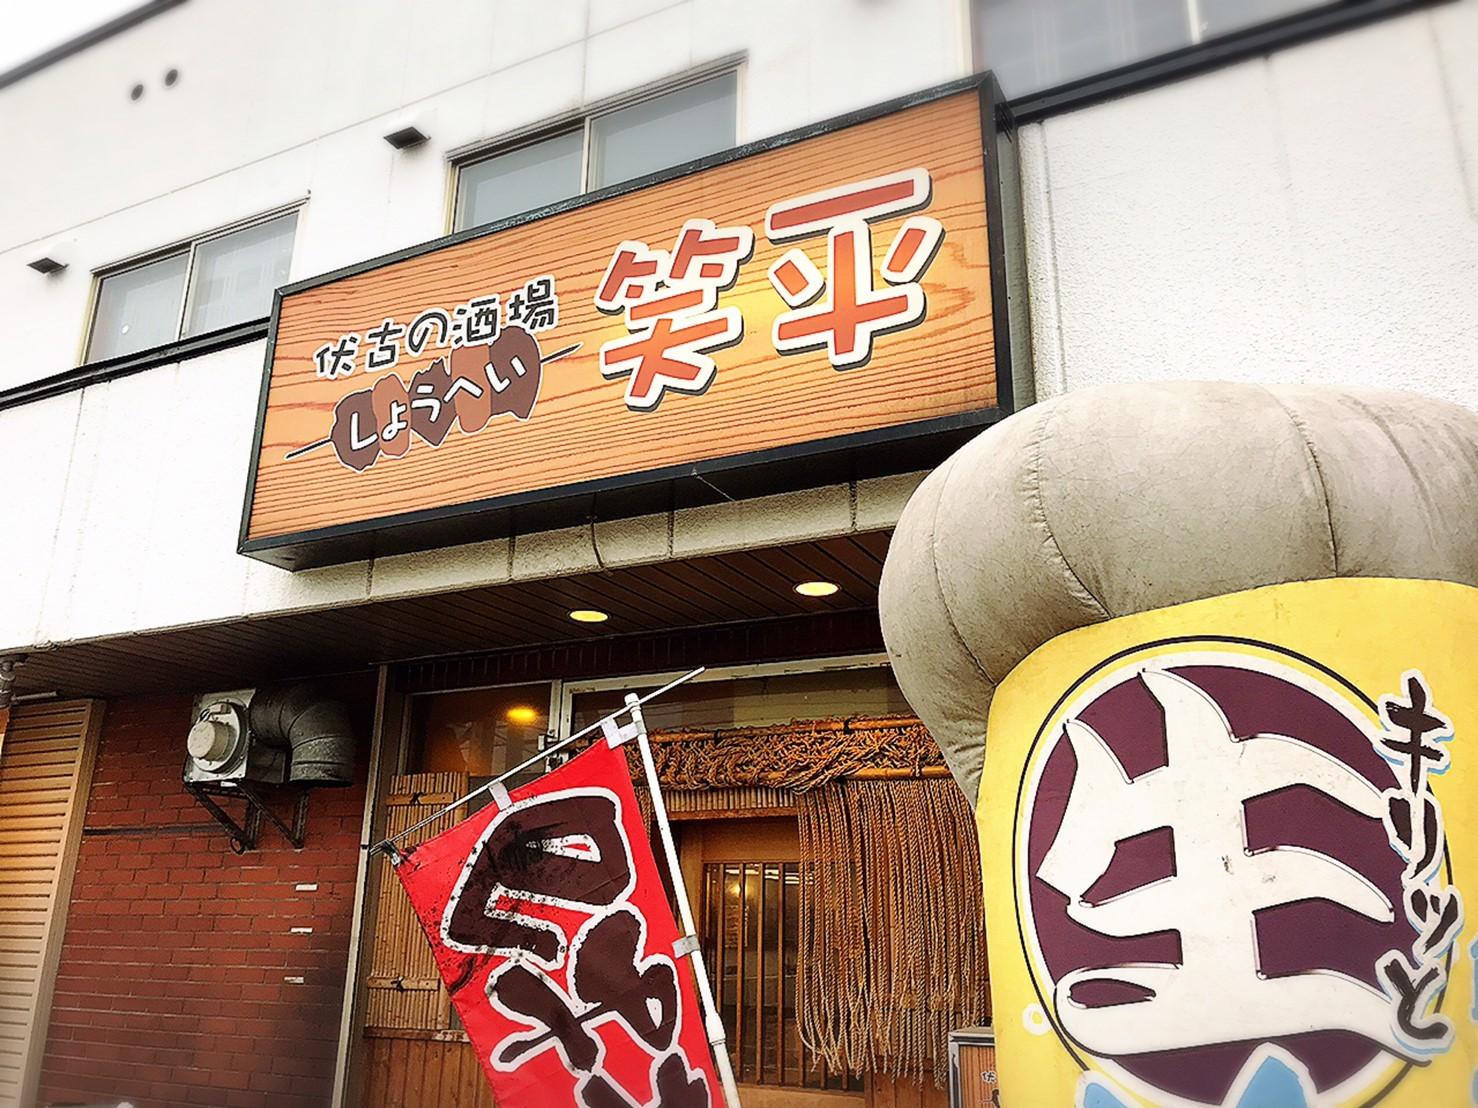 伏古の酒場笑平/札幌市 東区_c0378174_16060262.jpg